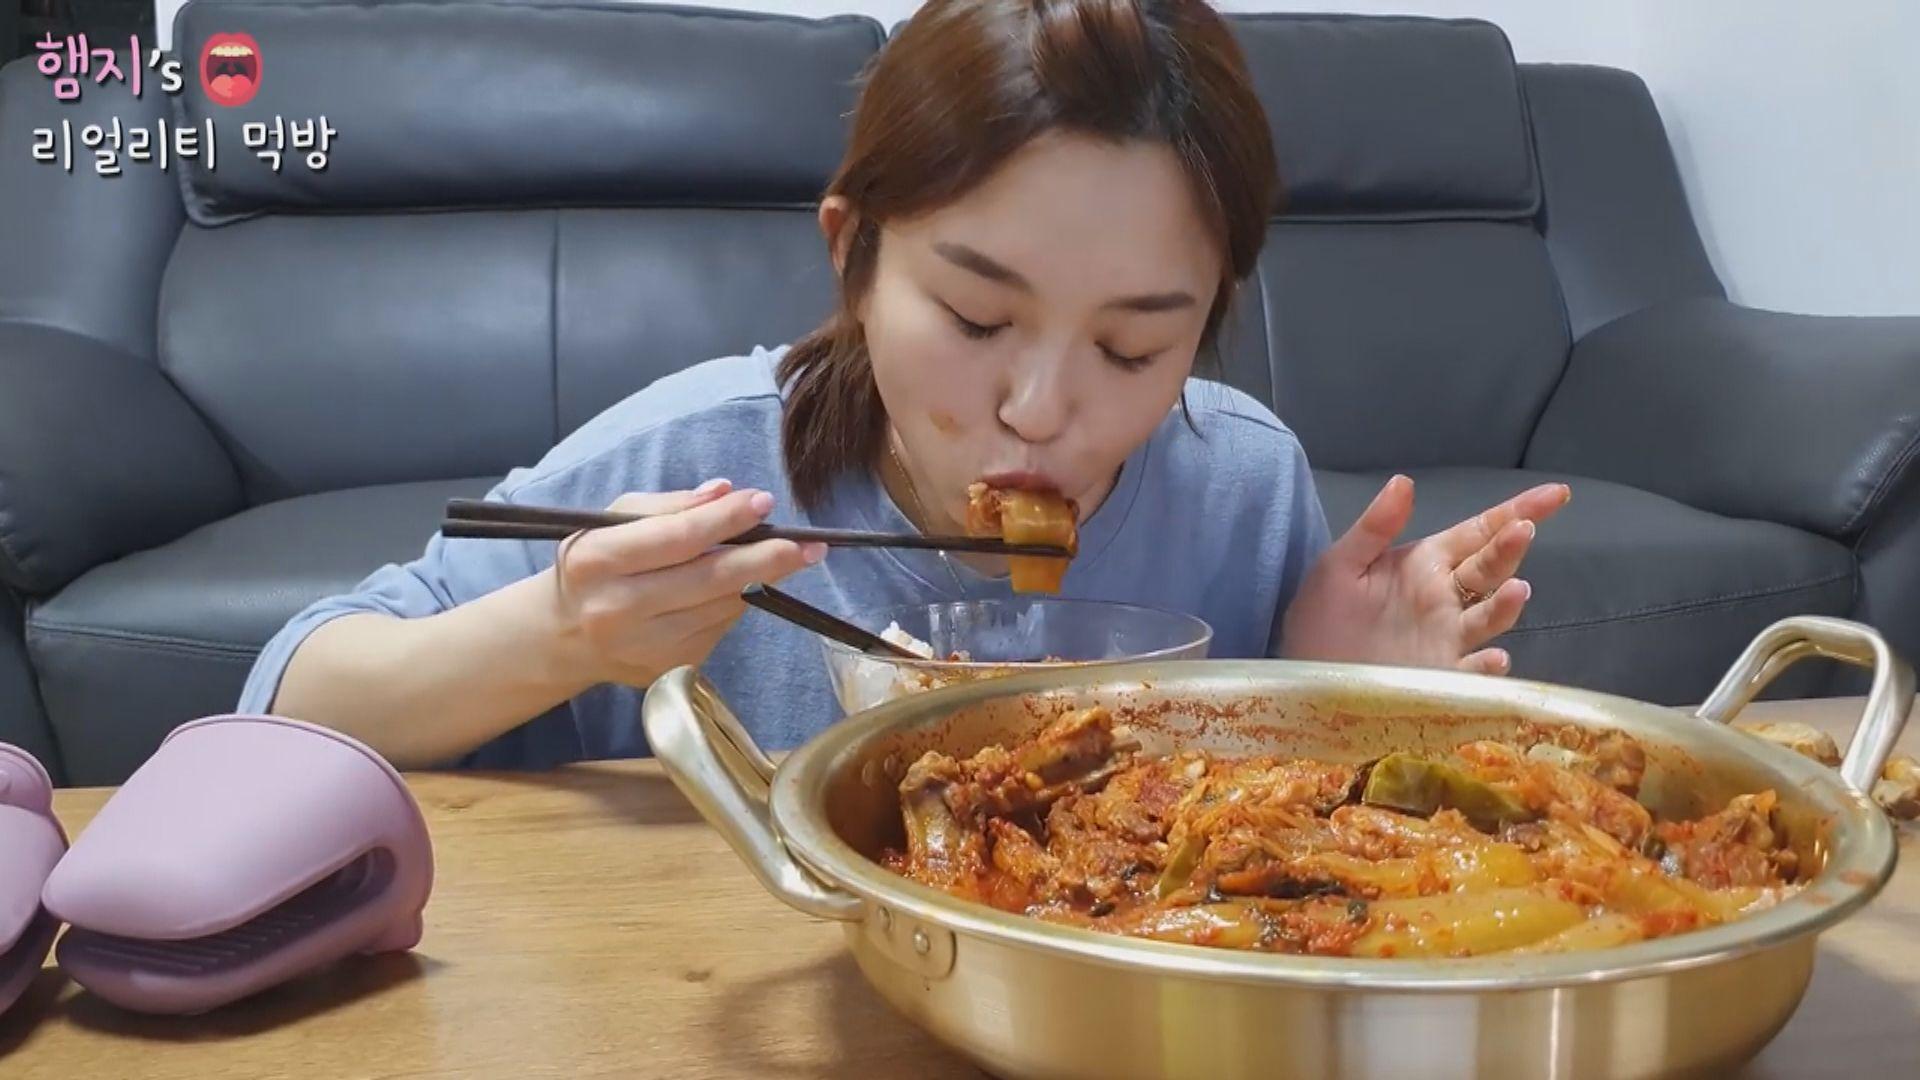 【環球薈報】南韓吃播主讚好影片留言被指「辱華」